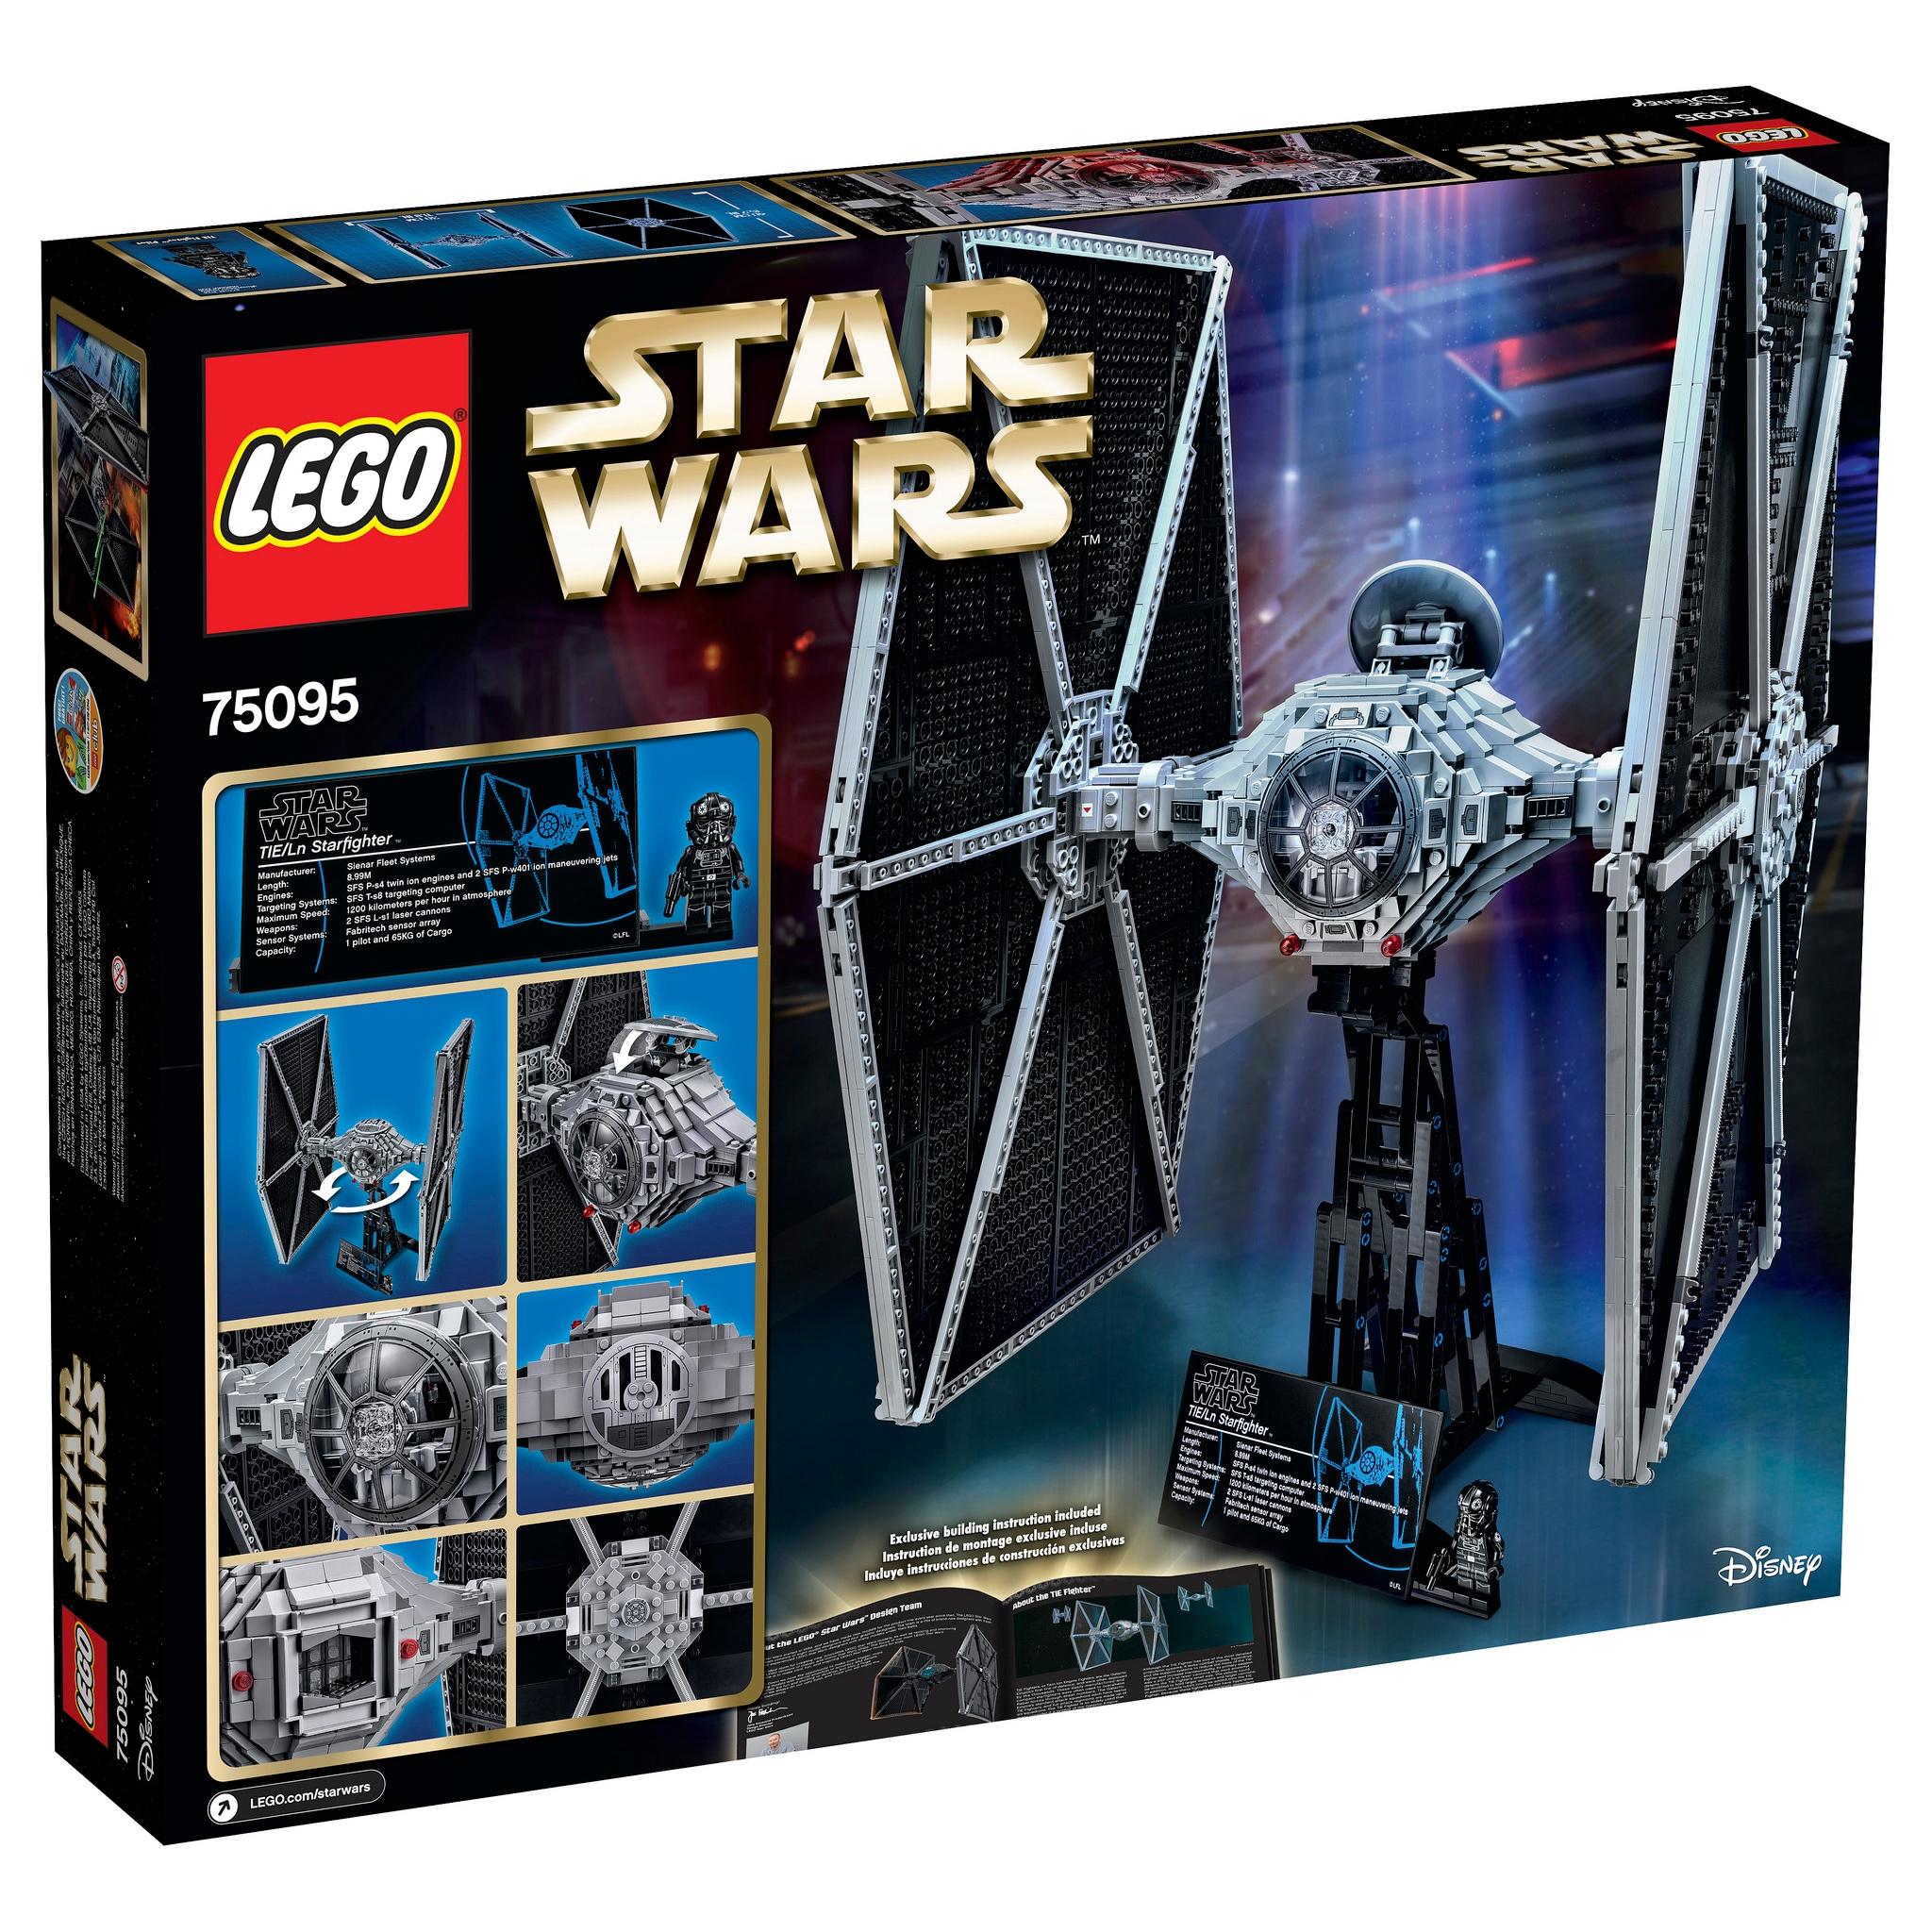 Star Wars LEGO tie fighter (2)